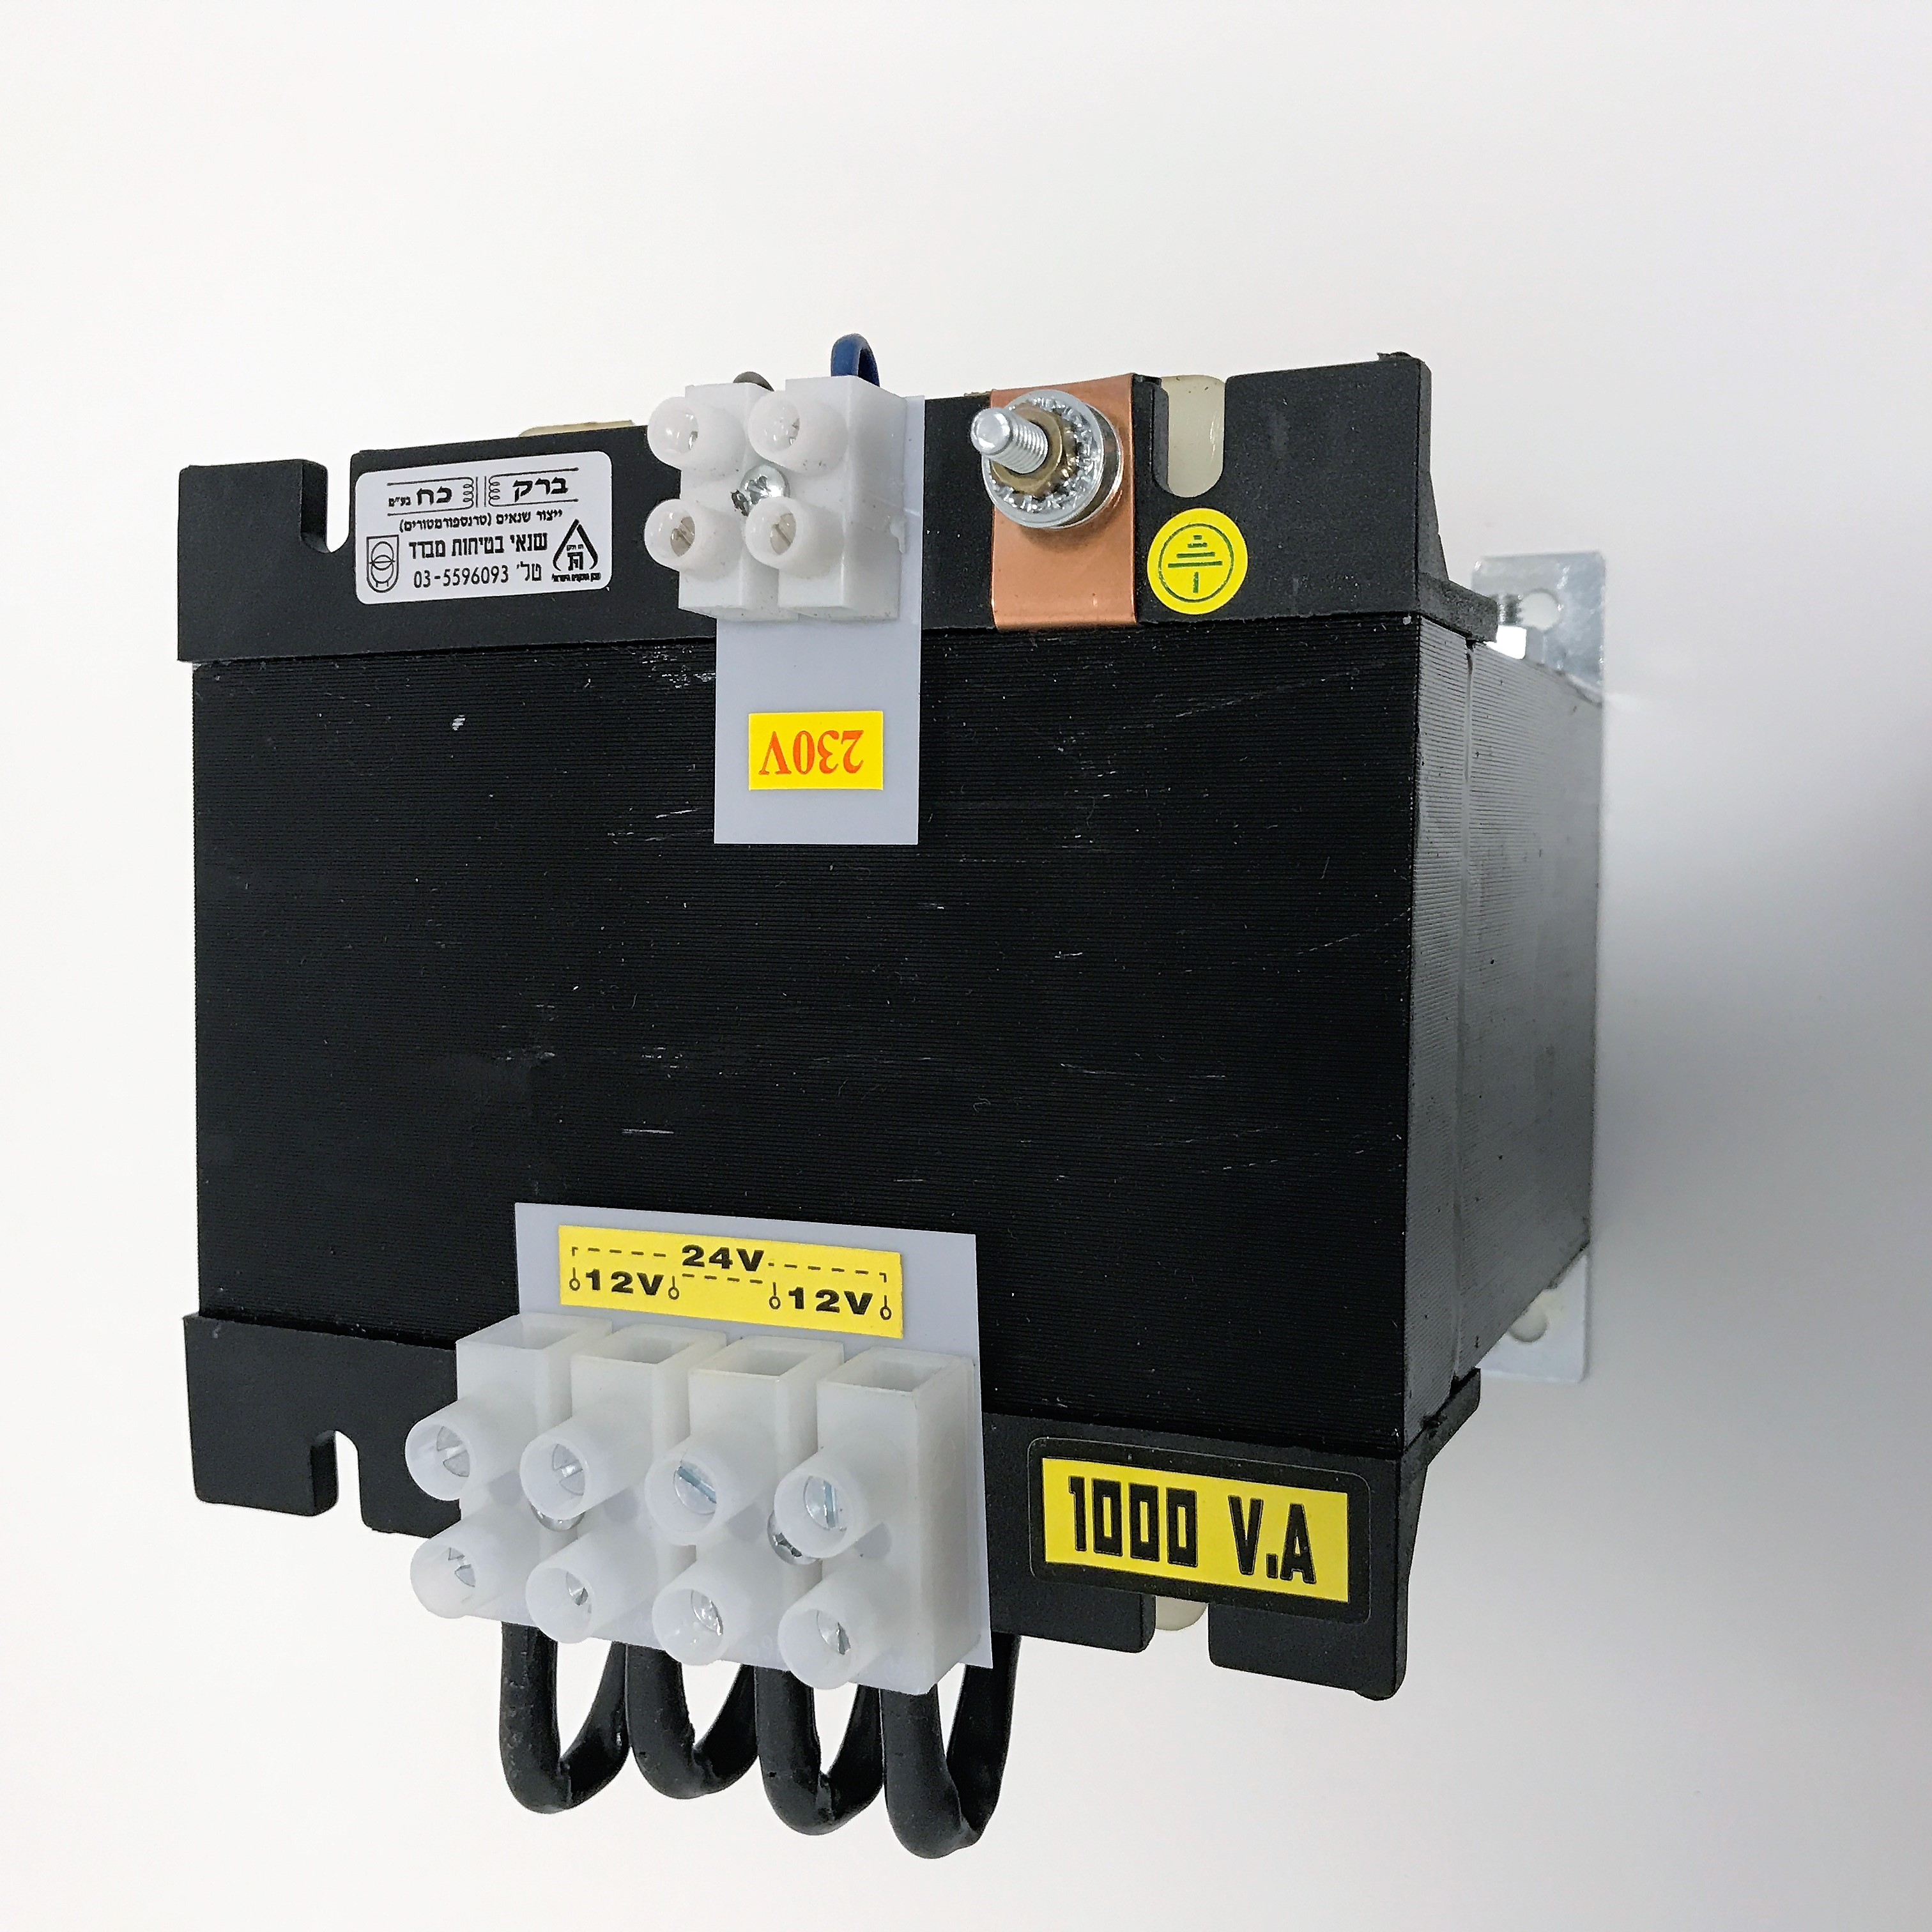 שנאי מבדל בהספק 1000VA במתחים 230V-12V+12V